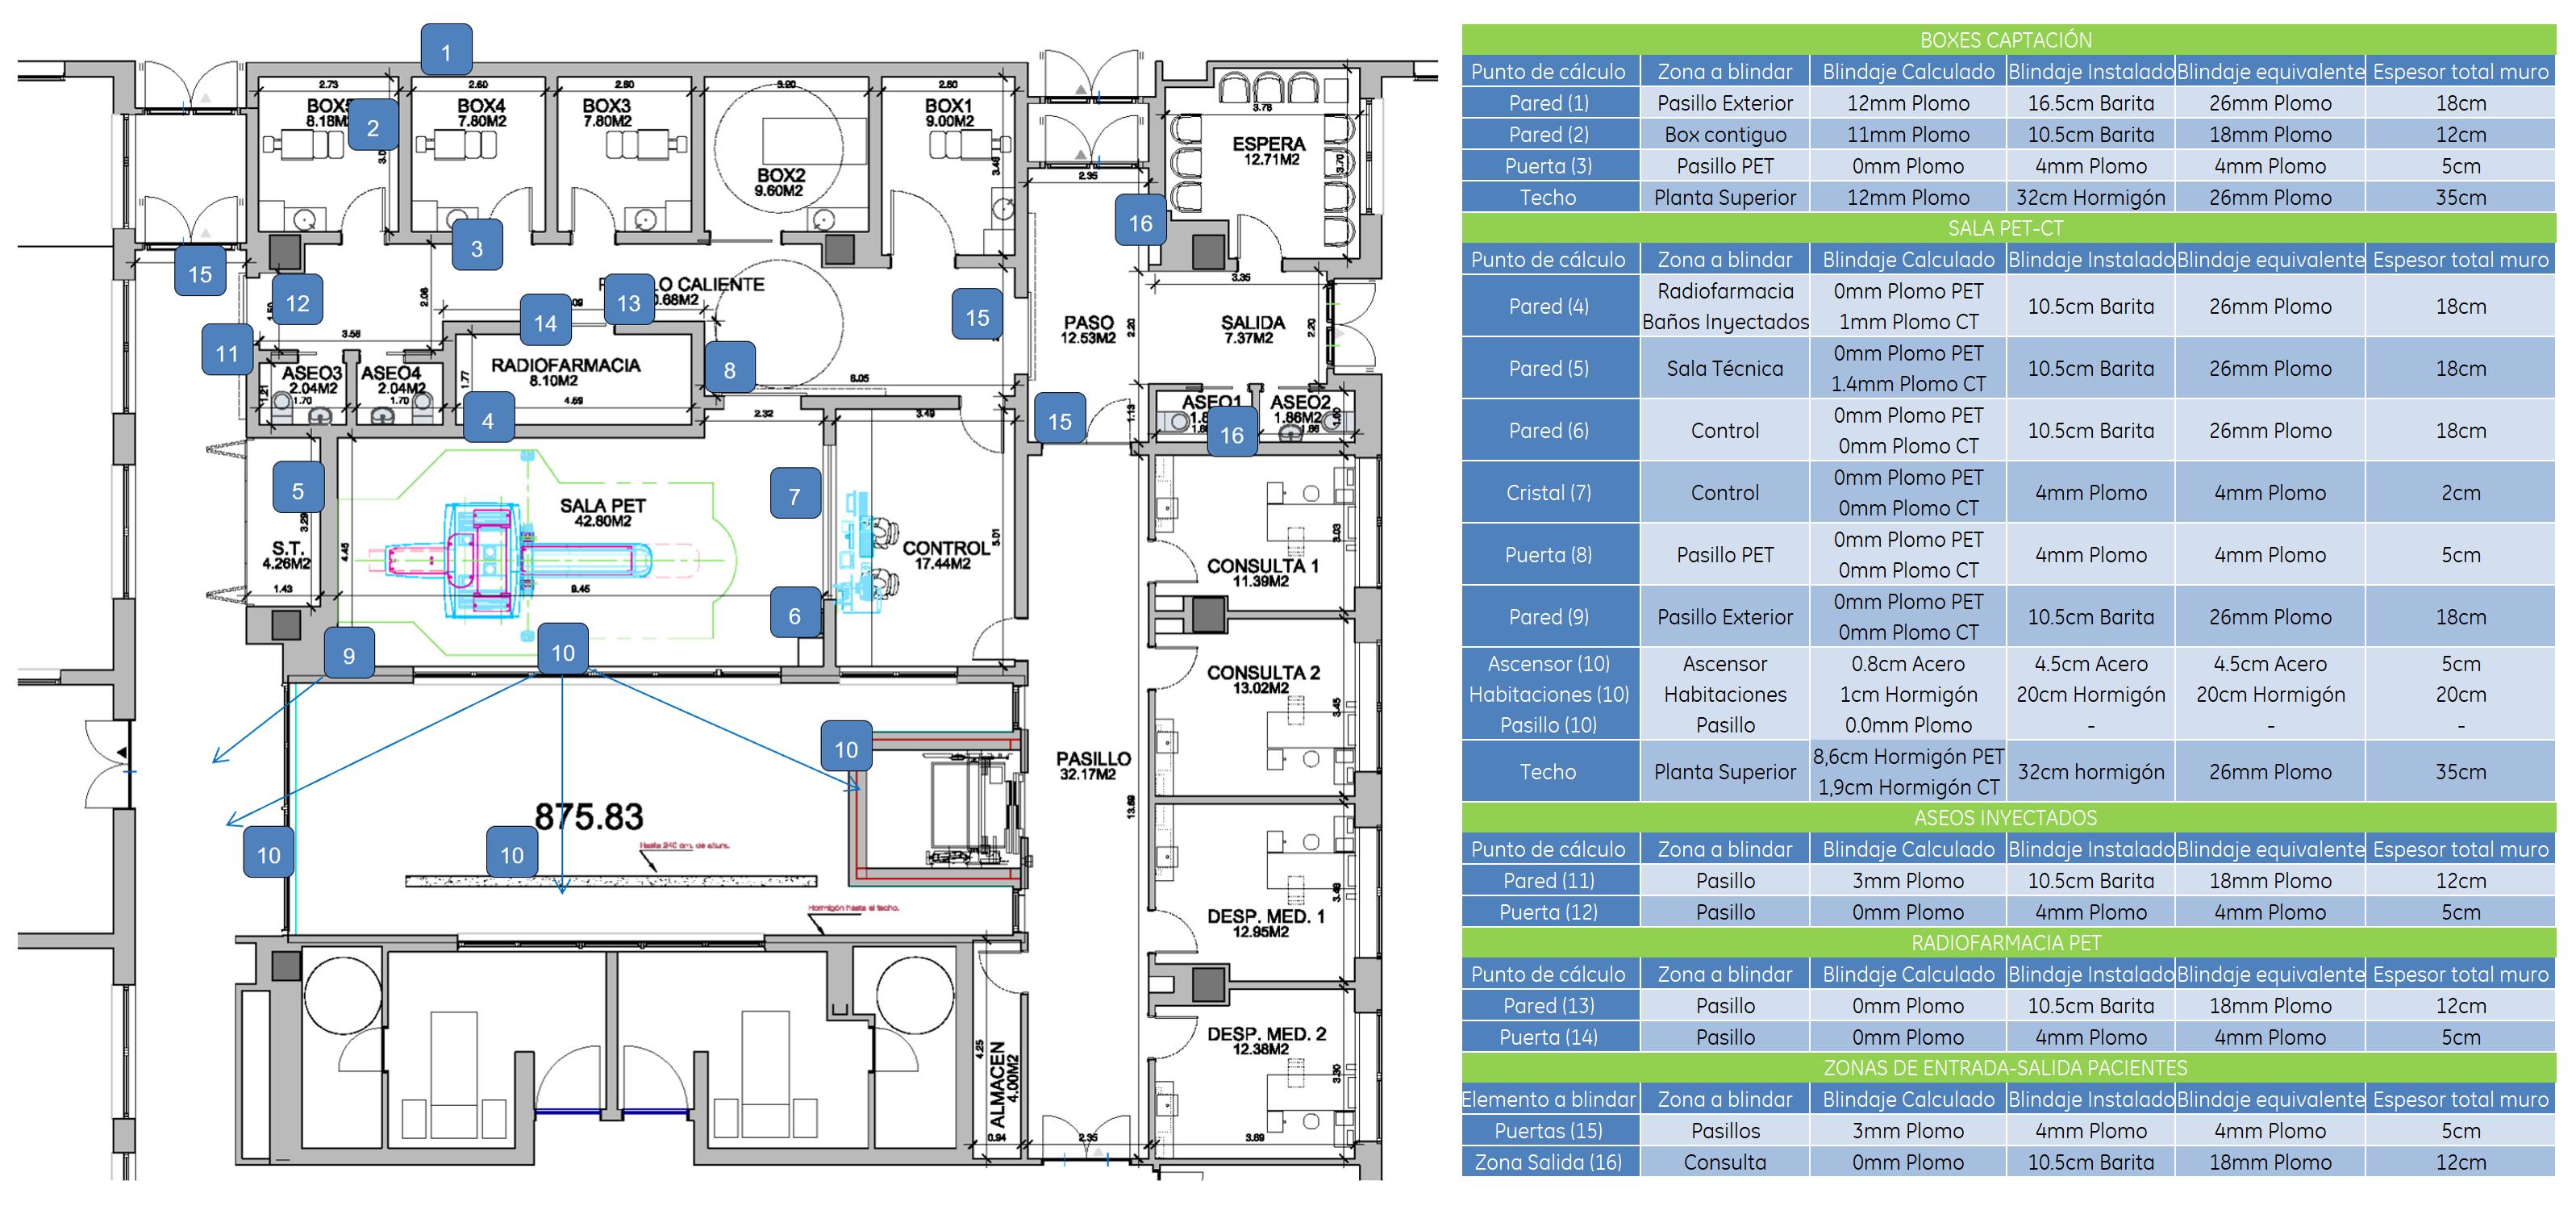 Tabla 1: Requisitos de blindaje, resultados de las medidas y plano de la instalación